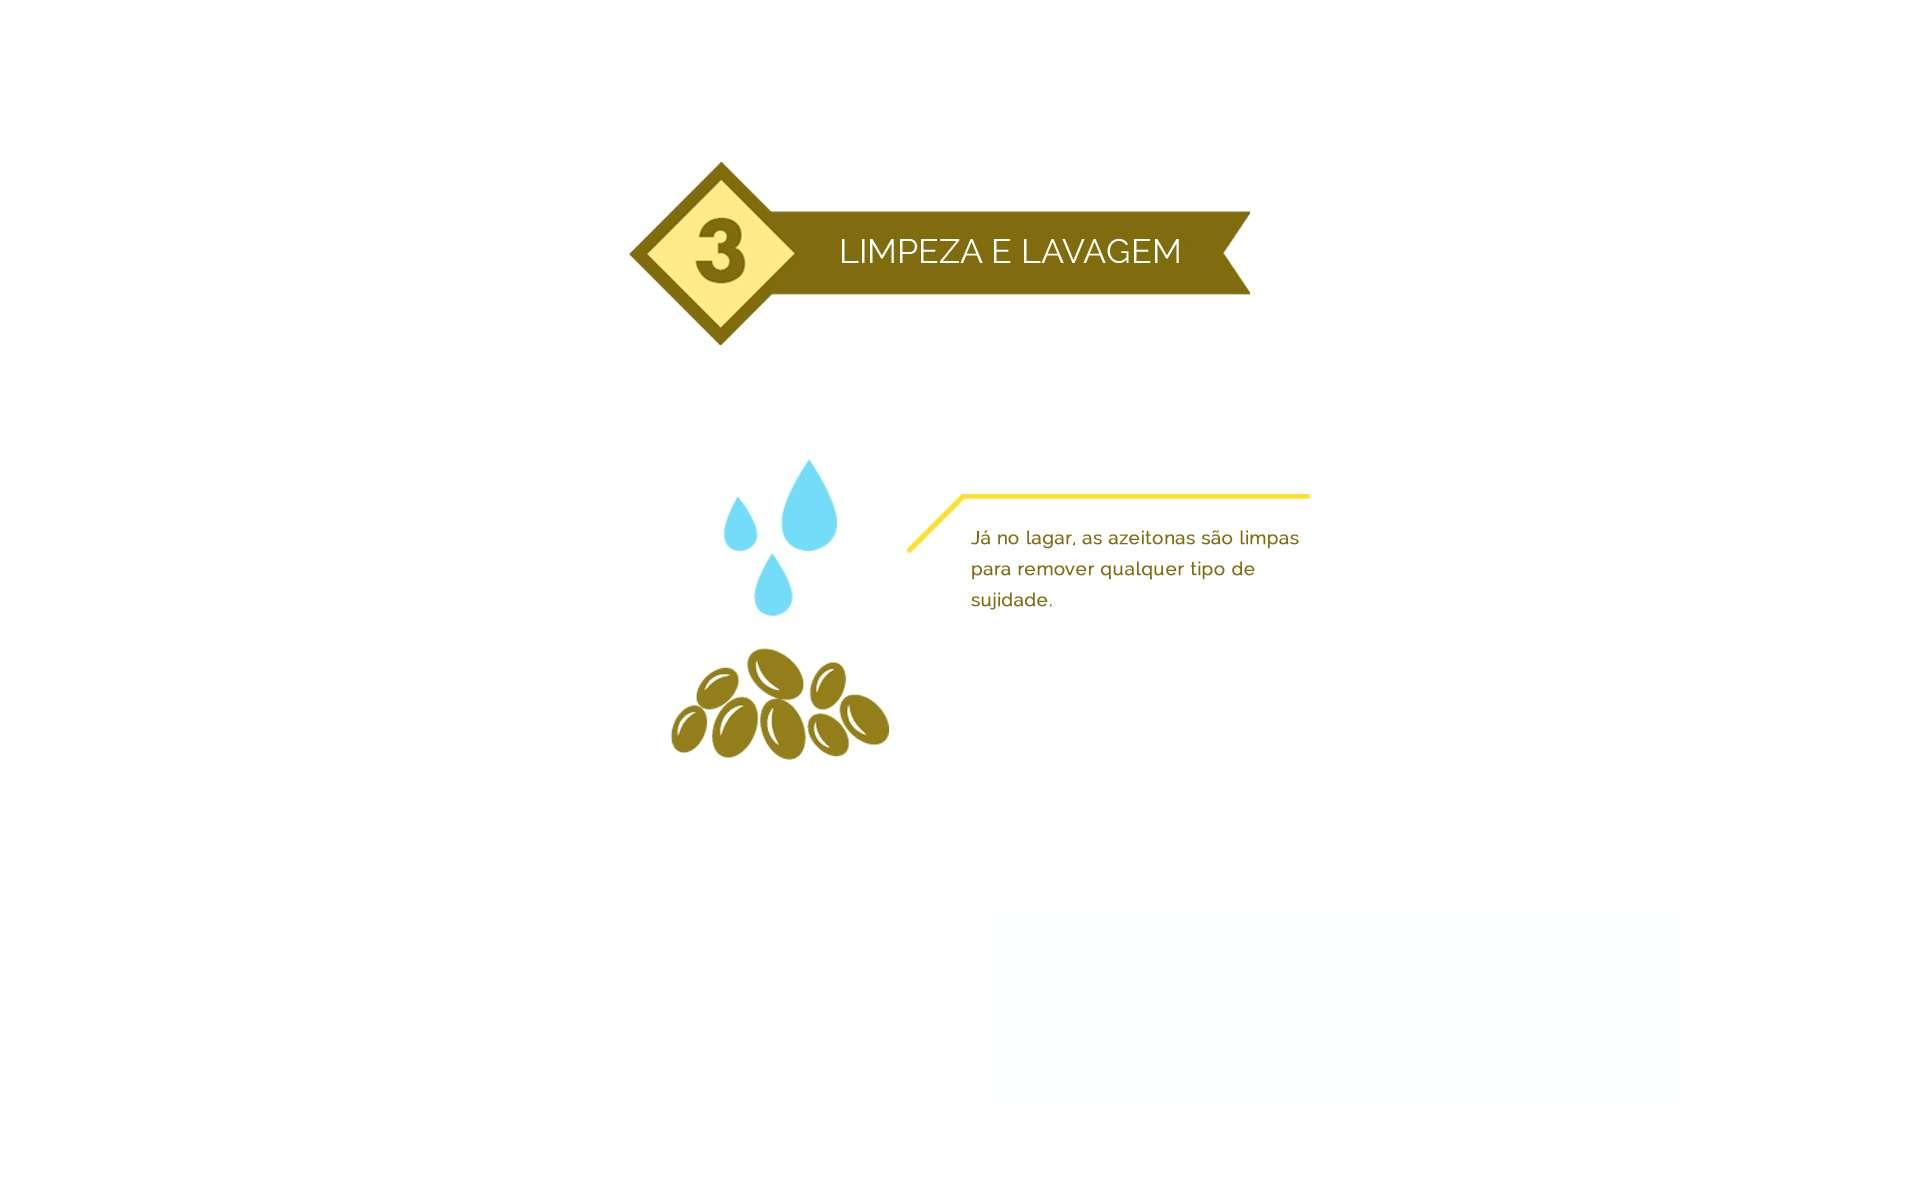 limpeza e lavagem do azeite de oliva